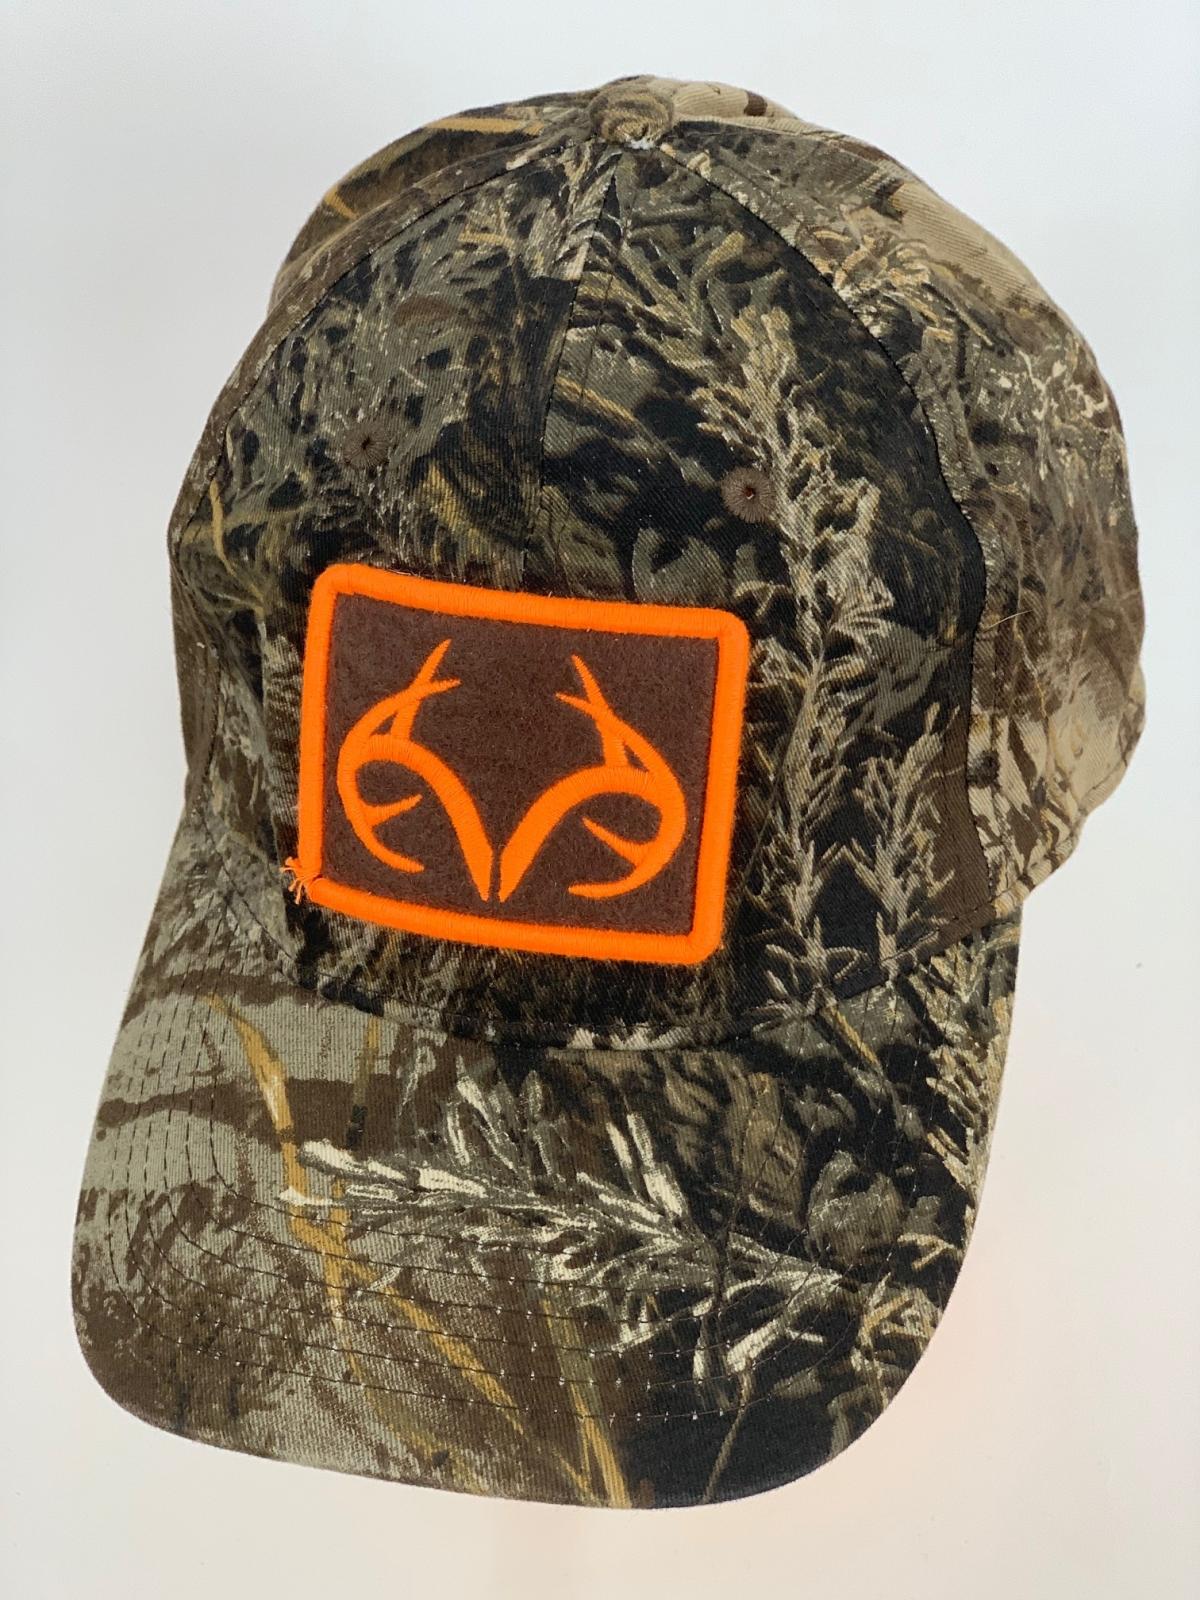 Охотничья бейсболка камуфляж Realtree с оранжевой вышивкой